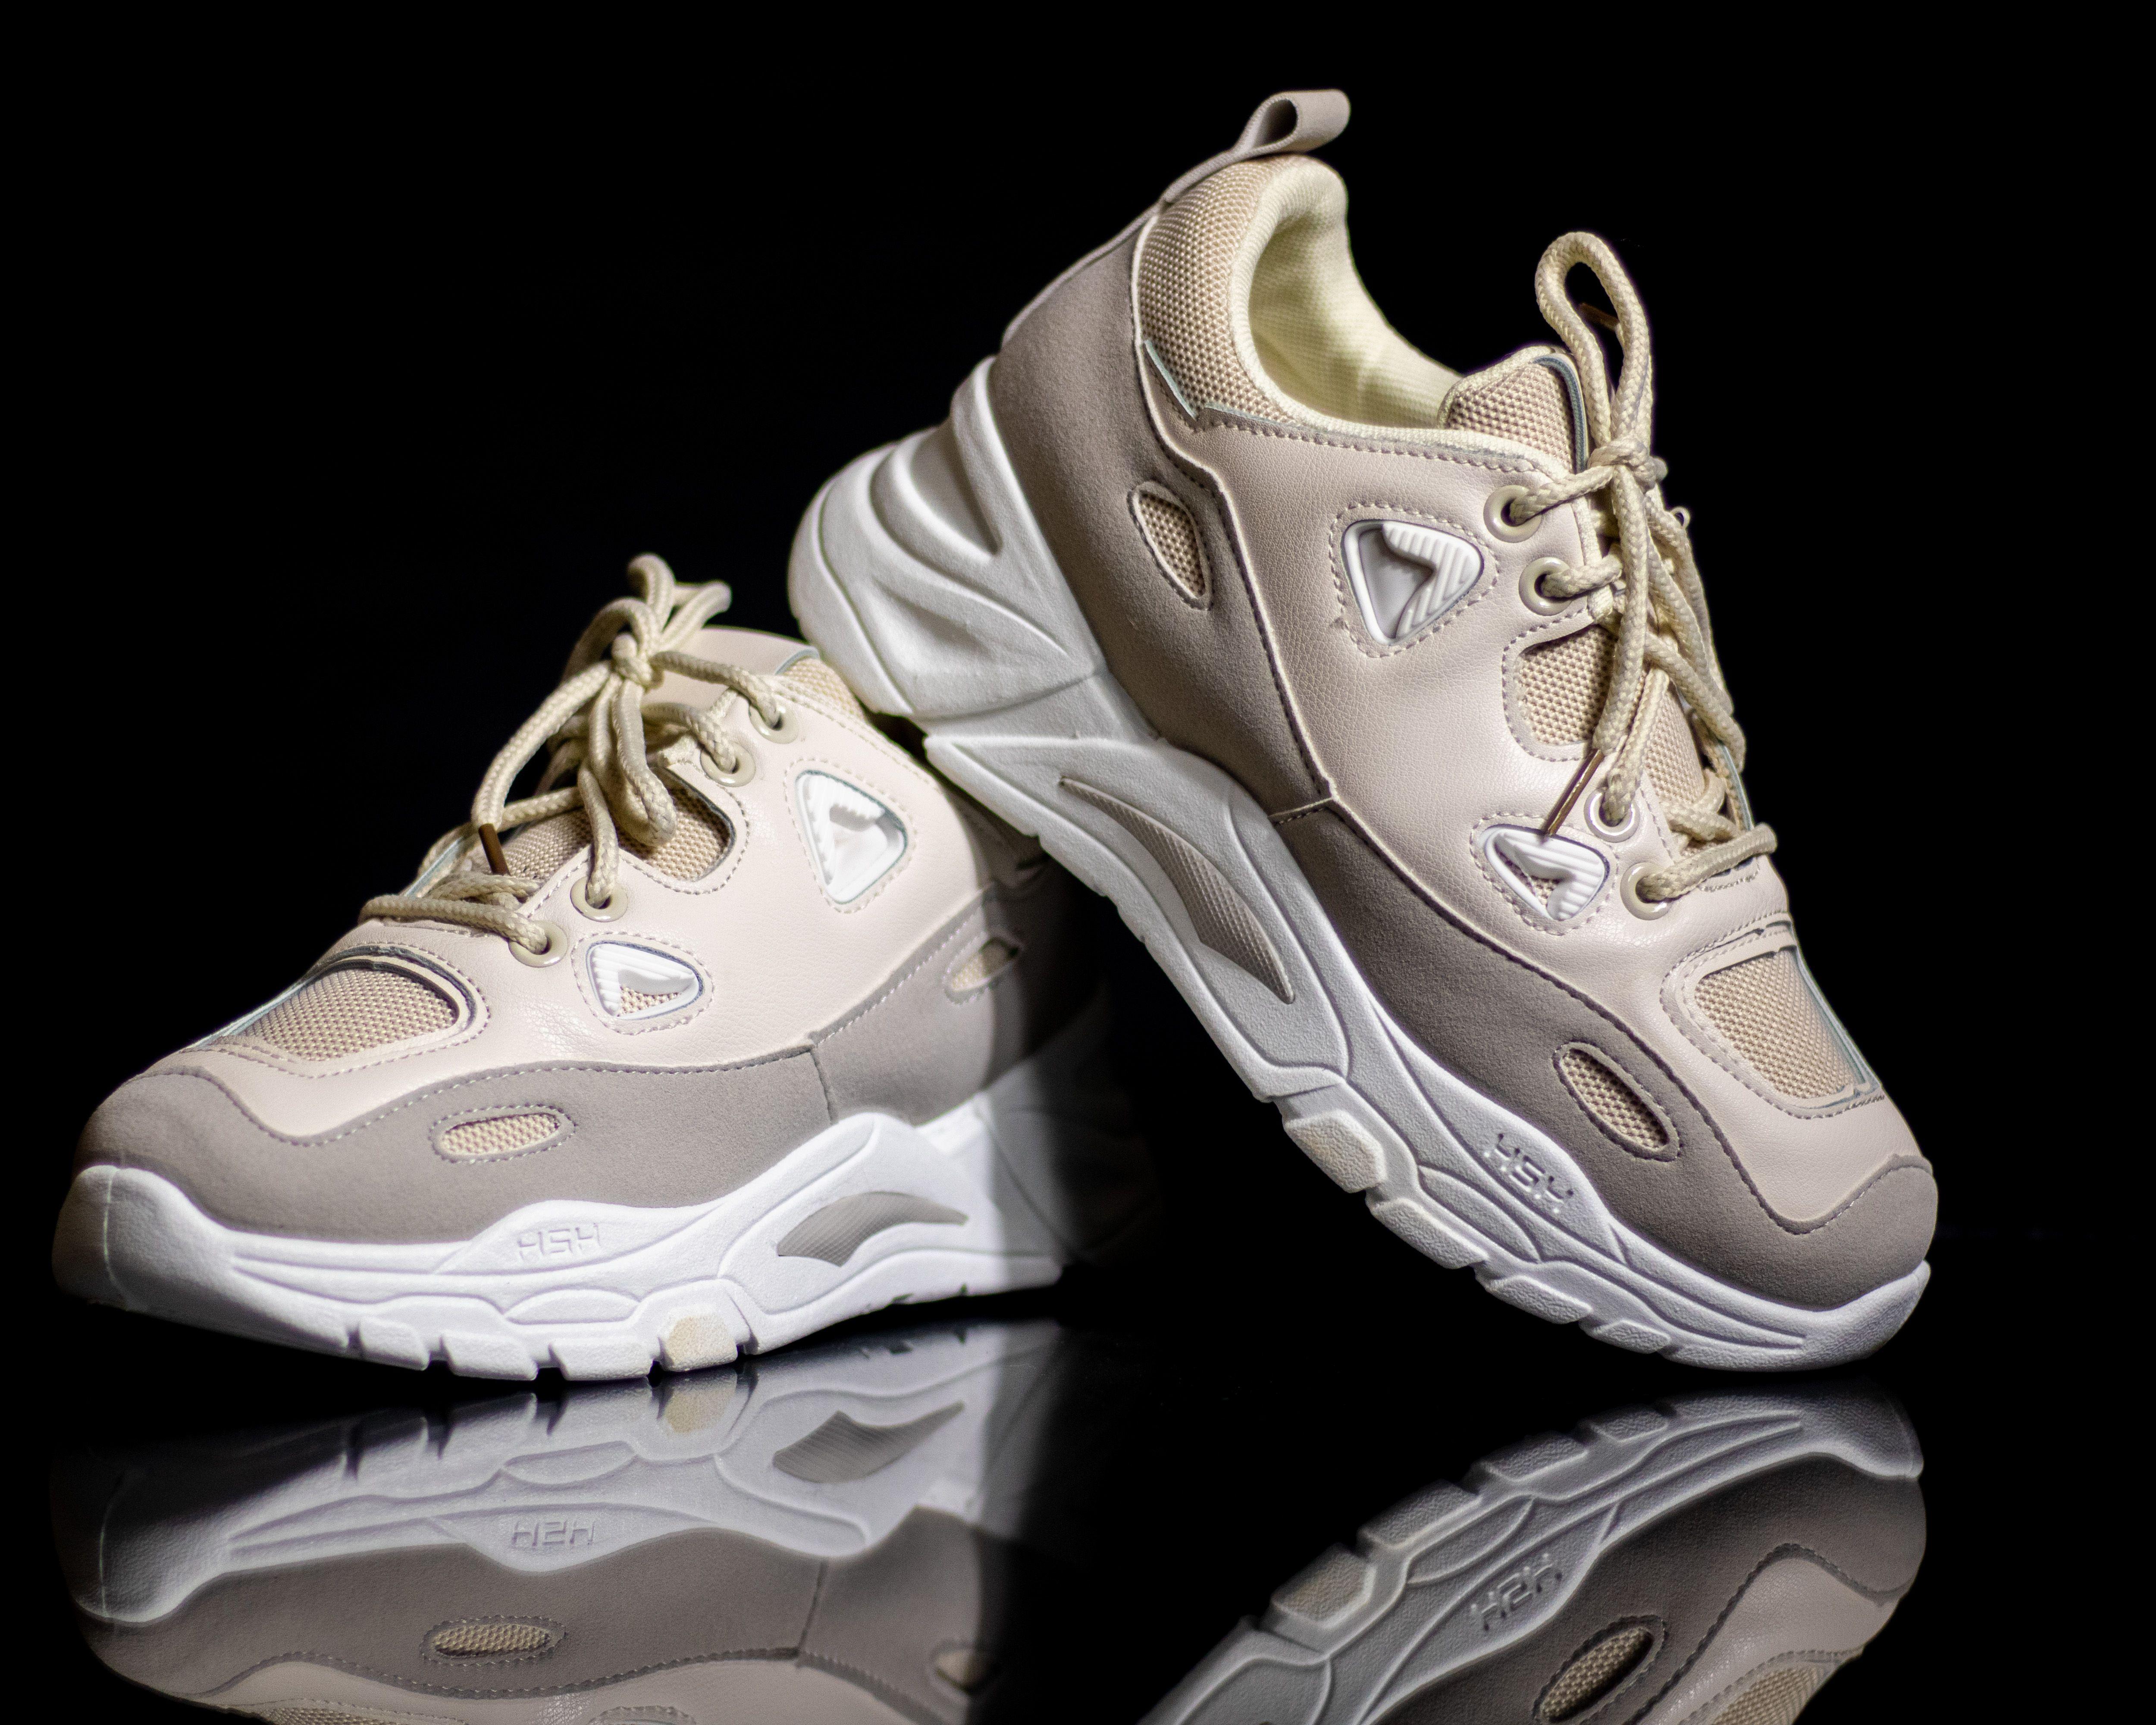 كوتشى Rock حريمى بسعر 185ج Shoe Brands Nike Air Max Air Max Sneakers